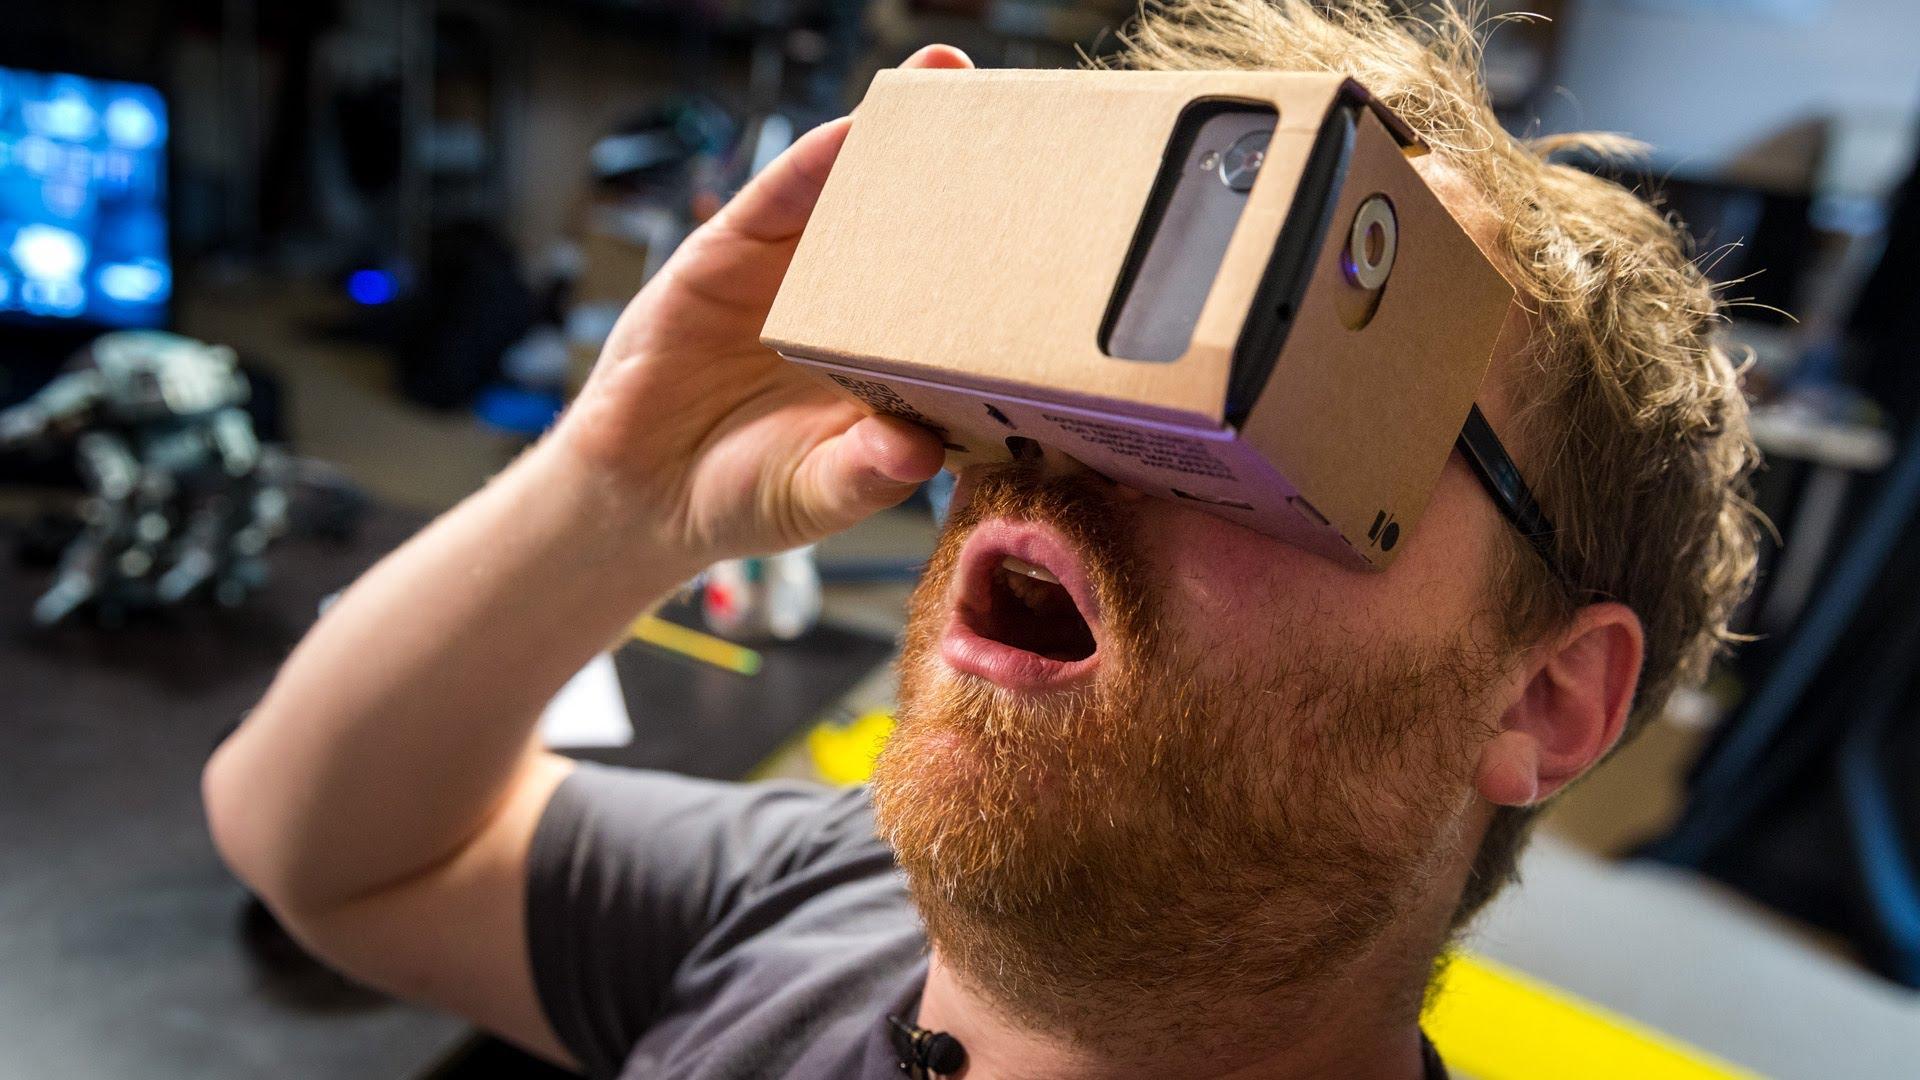 Неигровой VR: перспективы и возможности в вебе, – интервью с VR-энтузиастом Martin Splitt, Archilogic